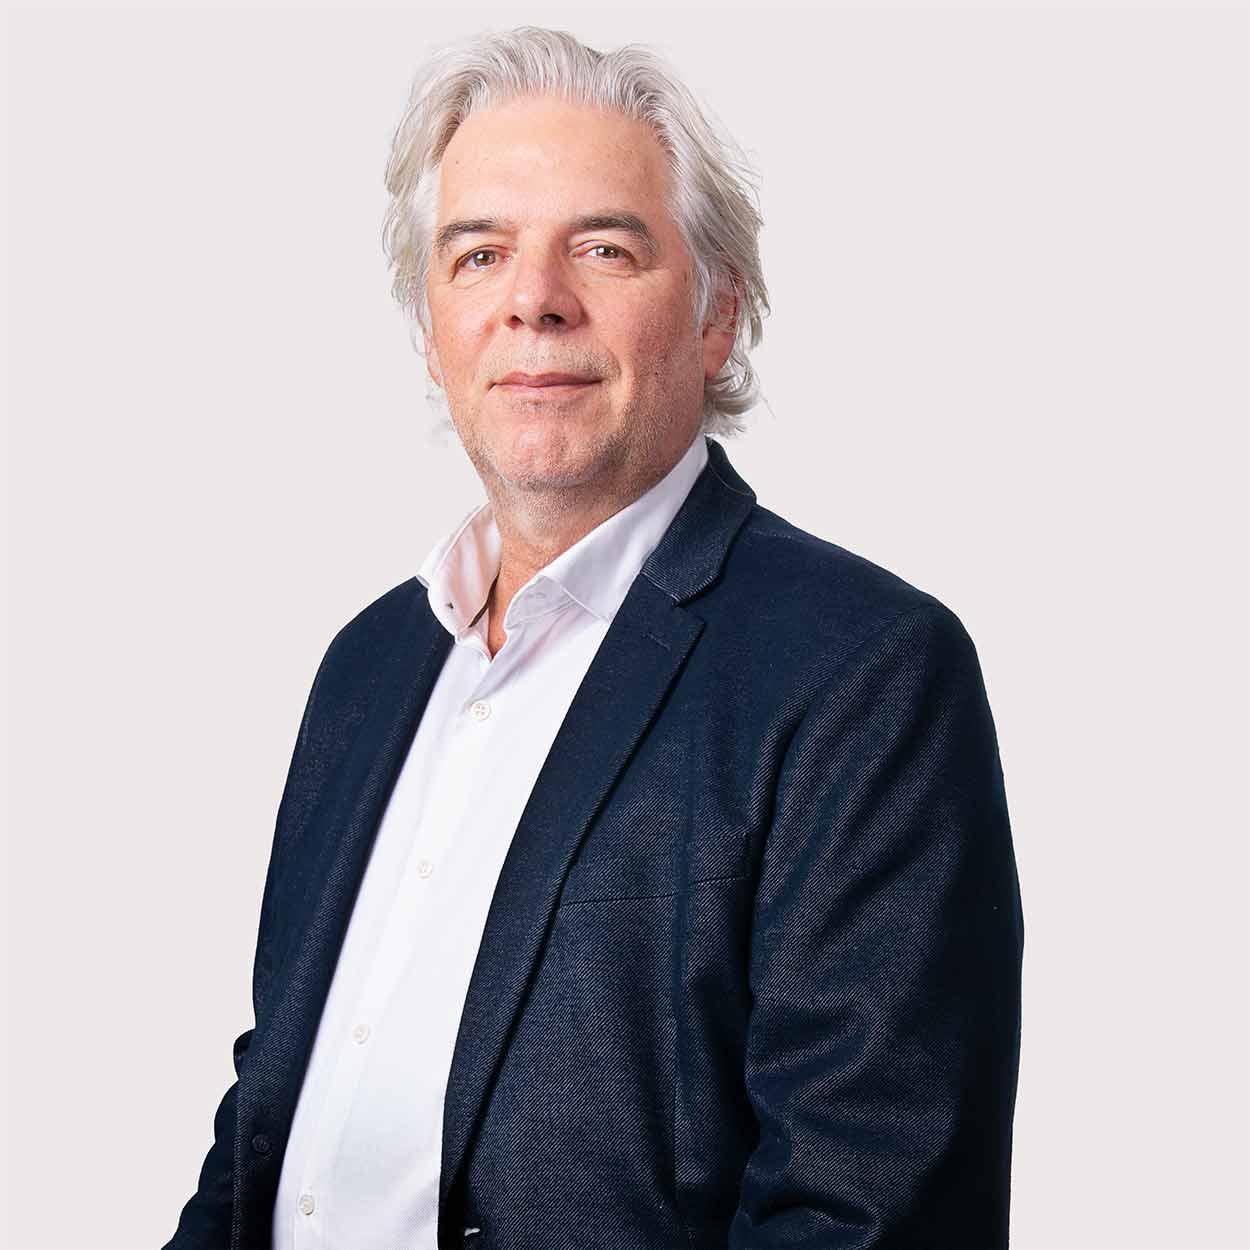 Eric van den Berge